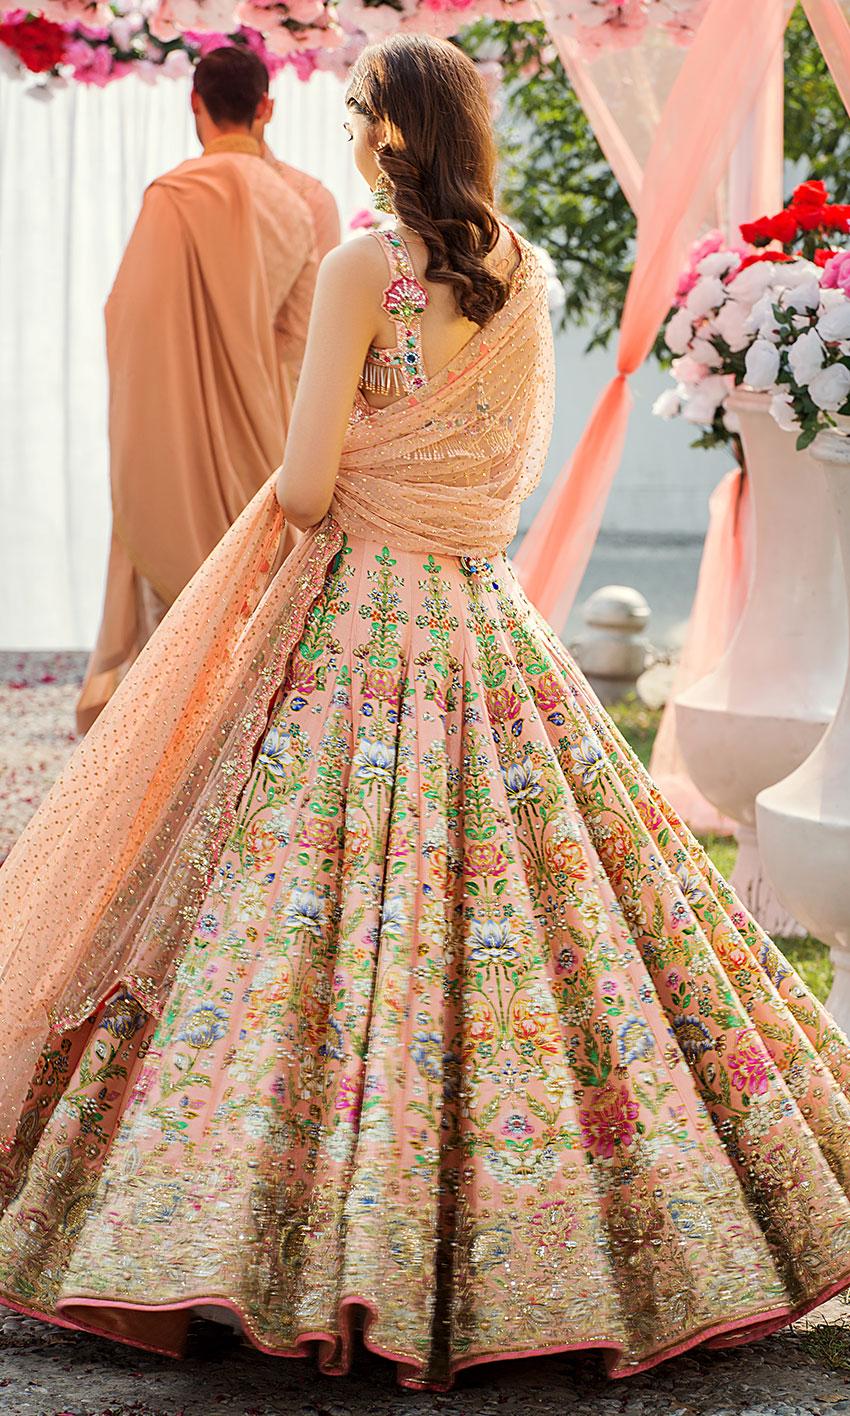 Nomi Ansari Peach Color Bridal Dress Embellished works bakc-side view